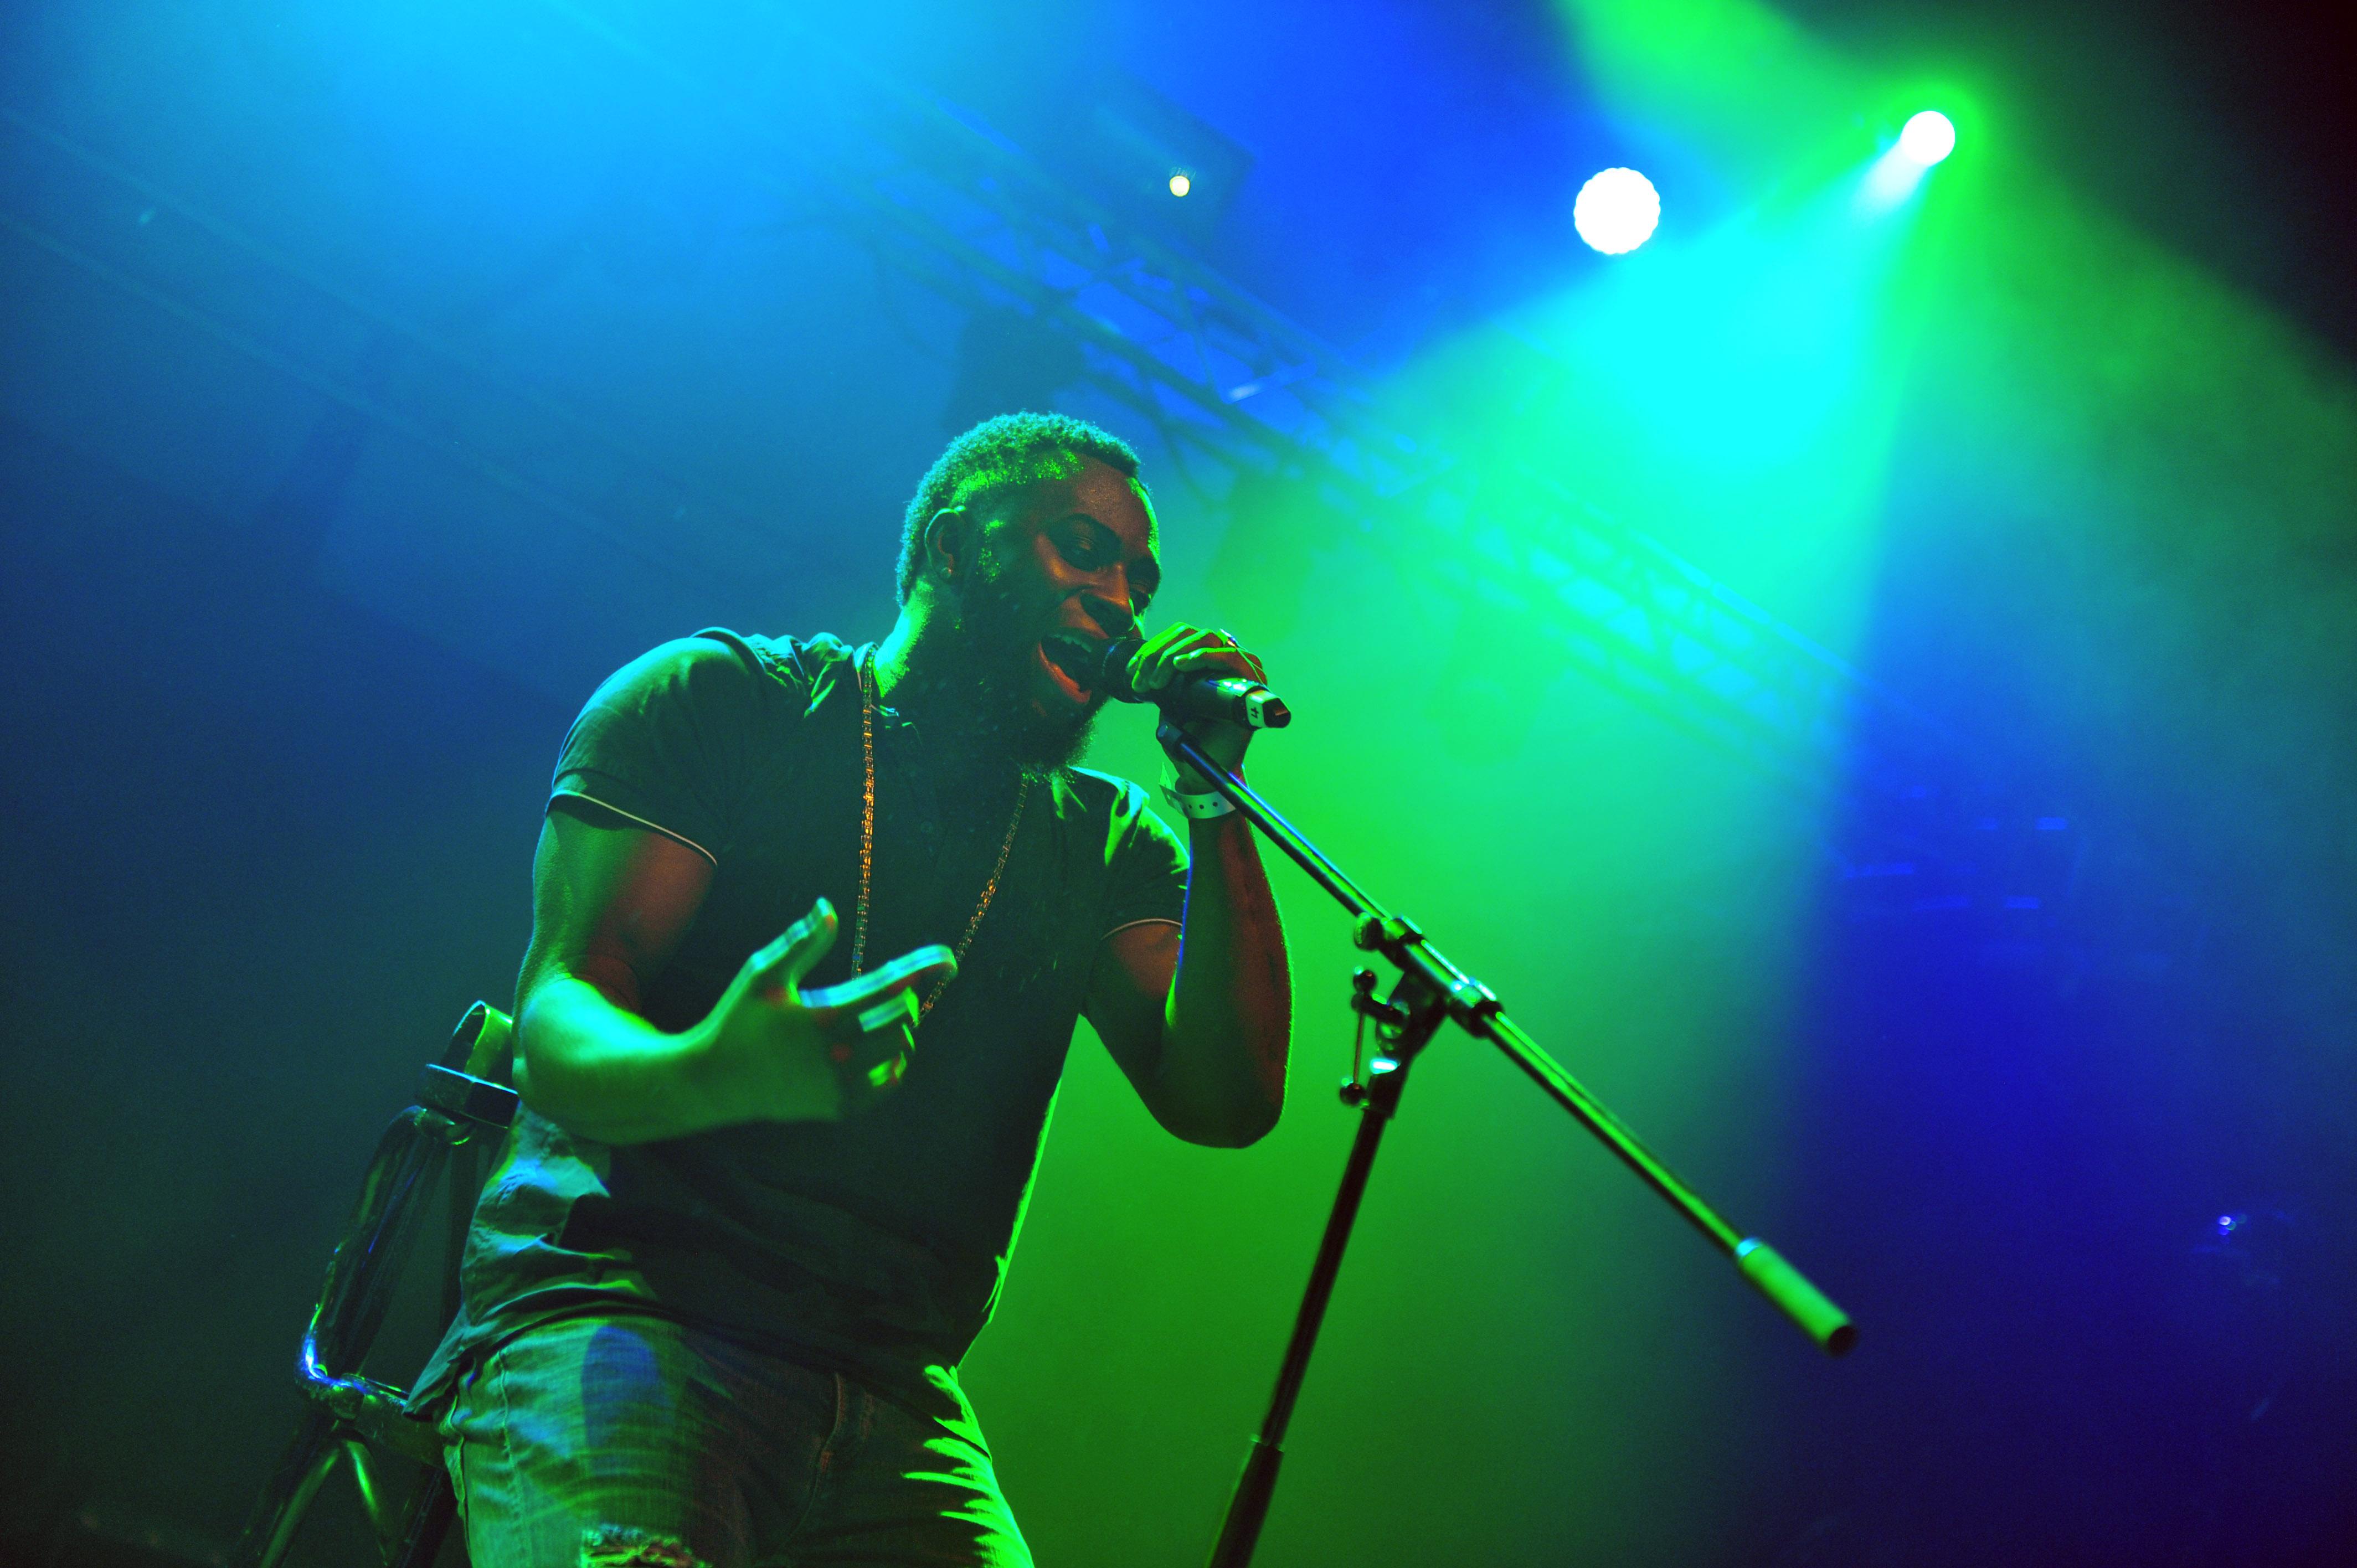 uk-rapper-cadet-dead-at-28-obit